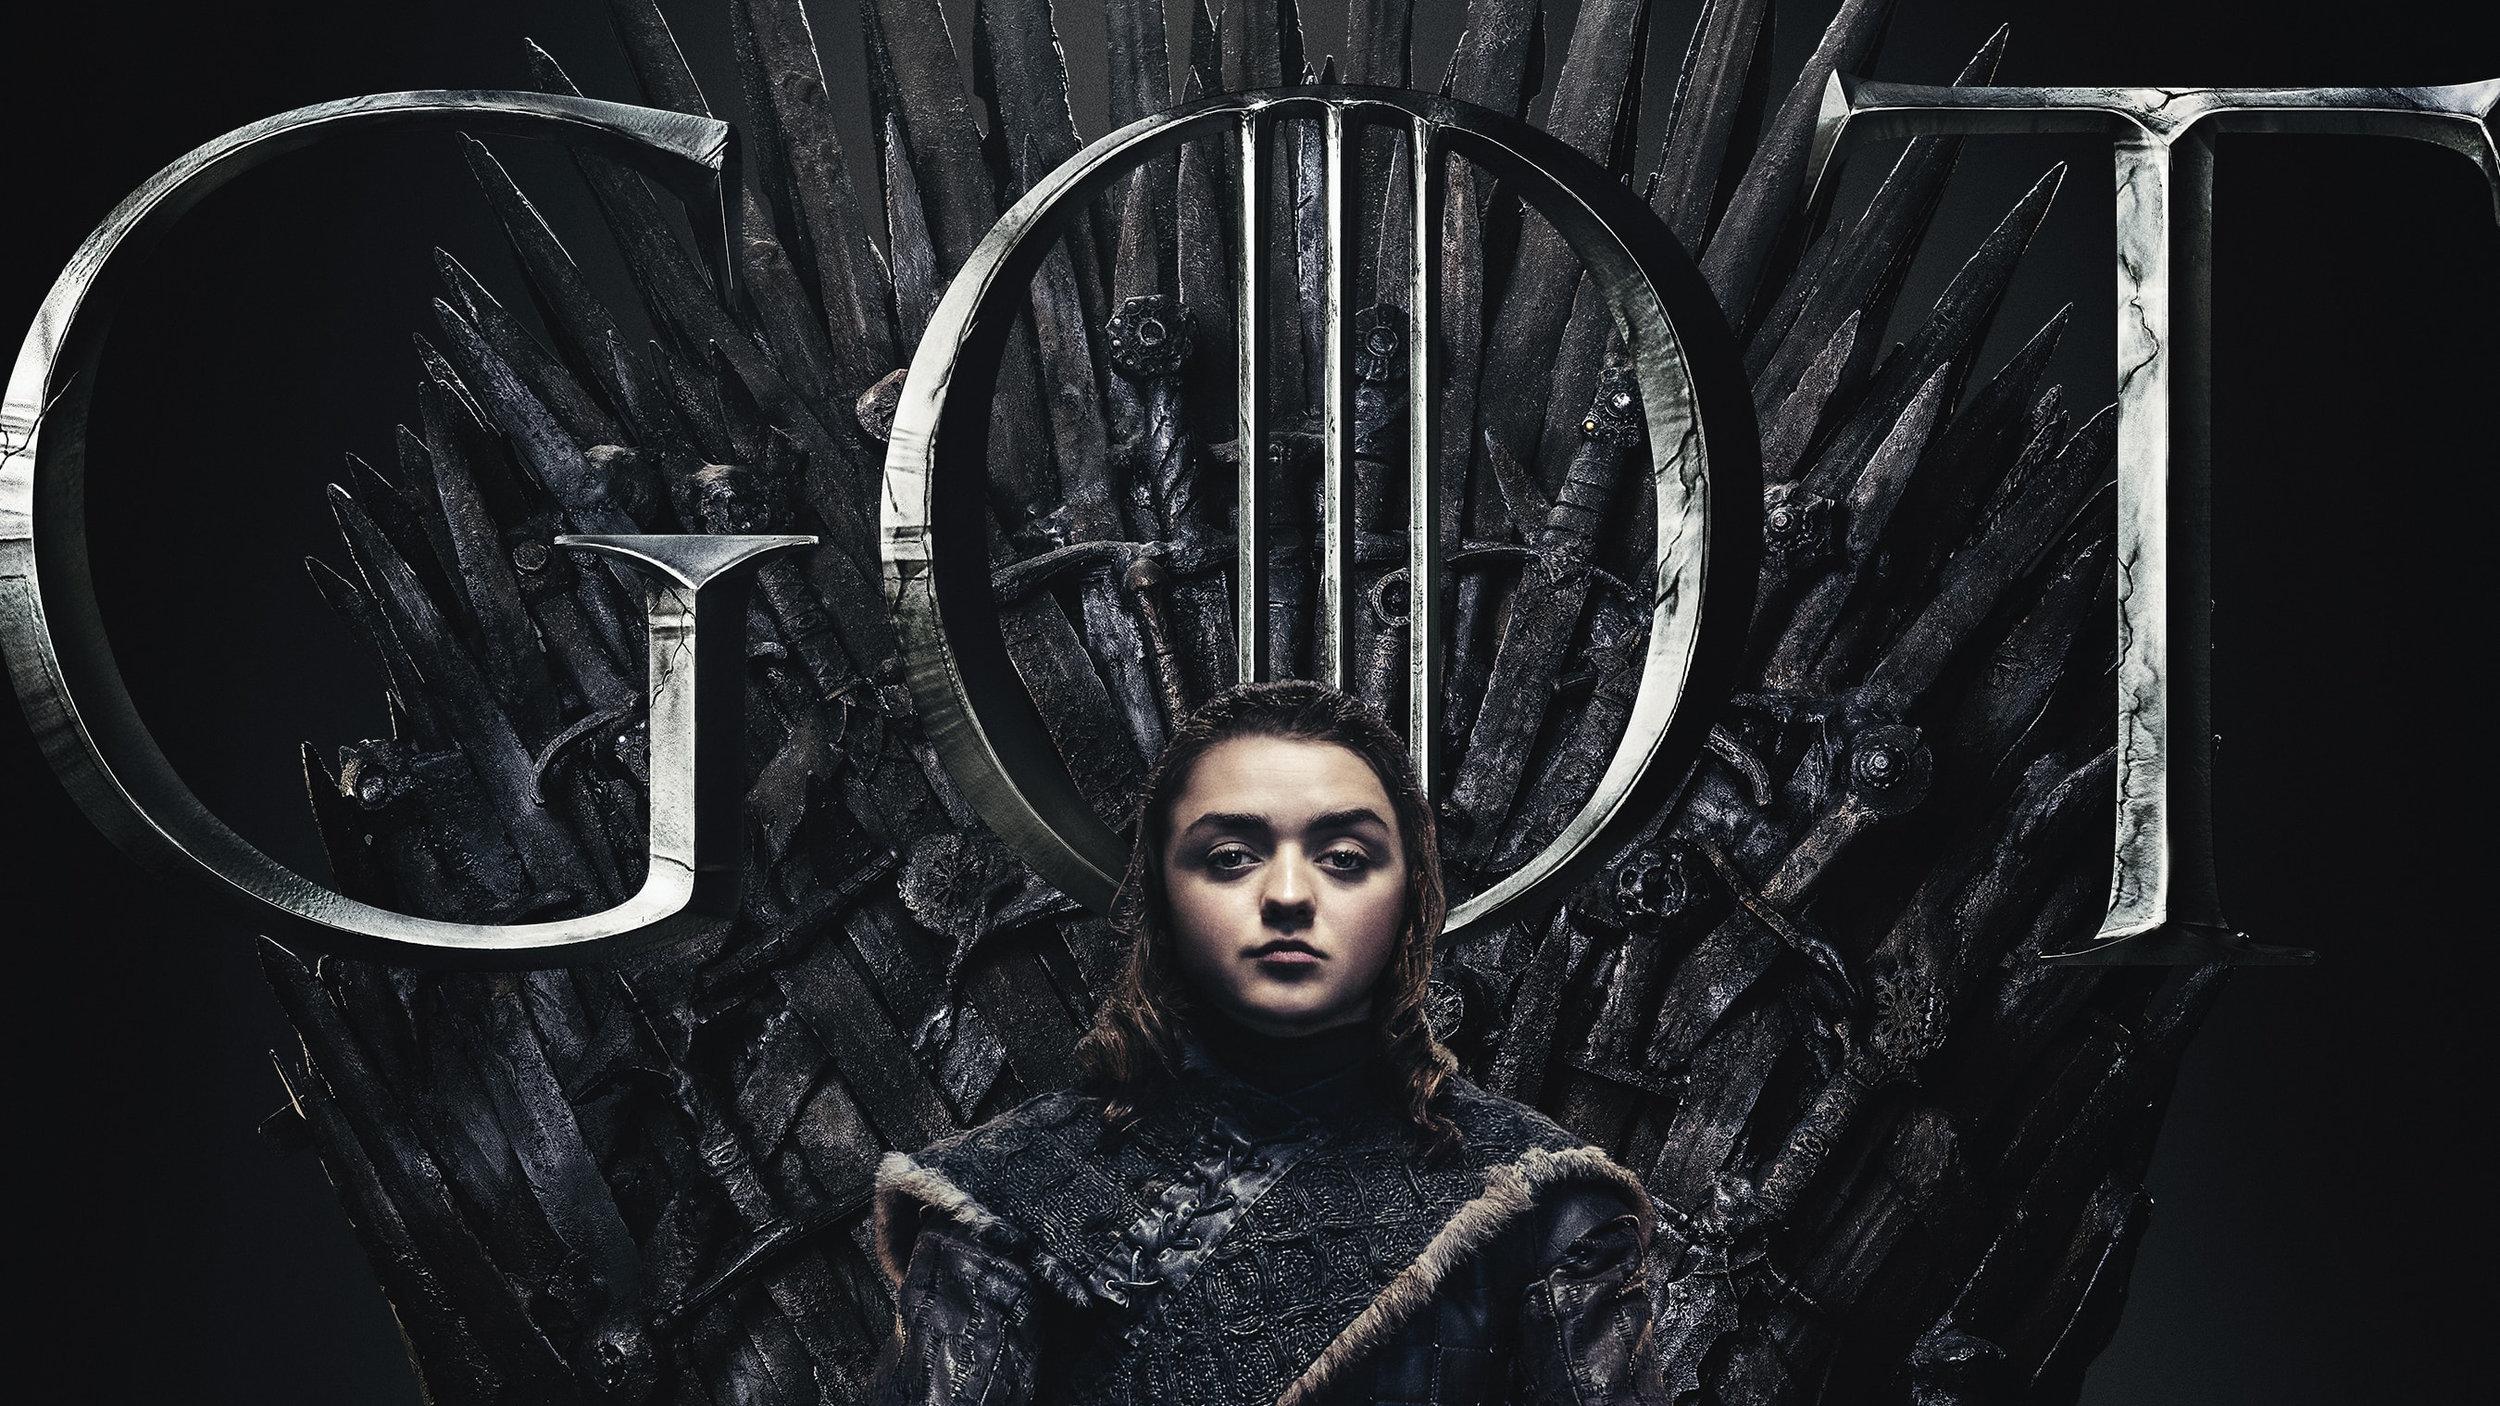 arya-stark-game-of-thrones-season-8-poster-bv.jpg